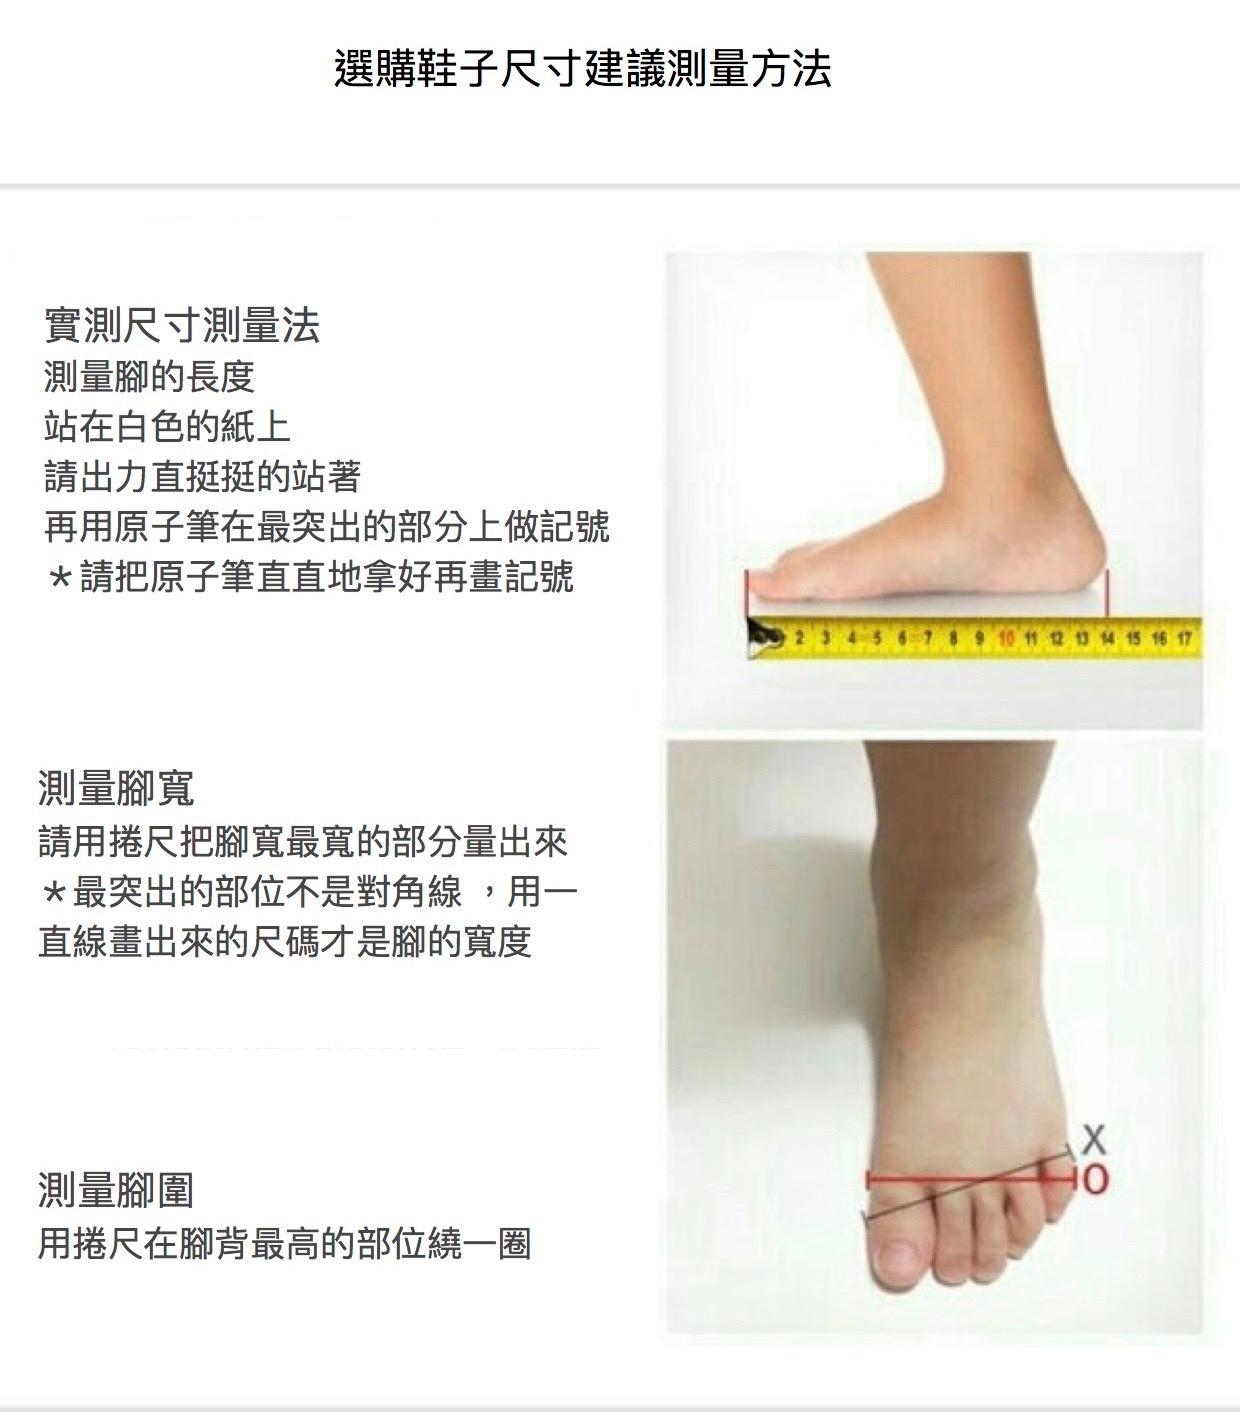 測量尺寸方法 (1)